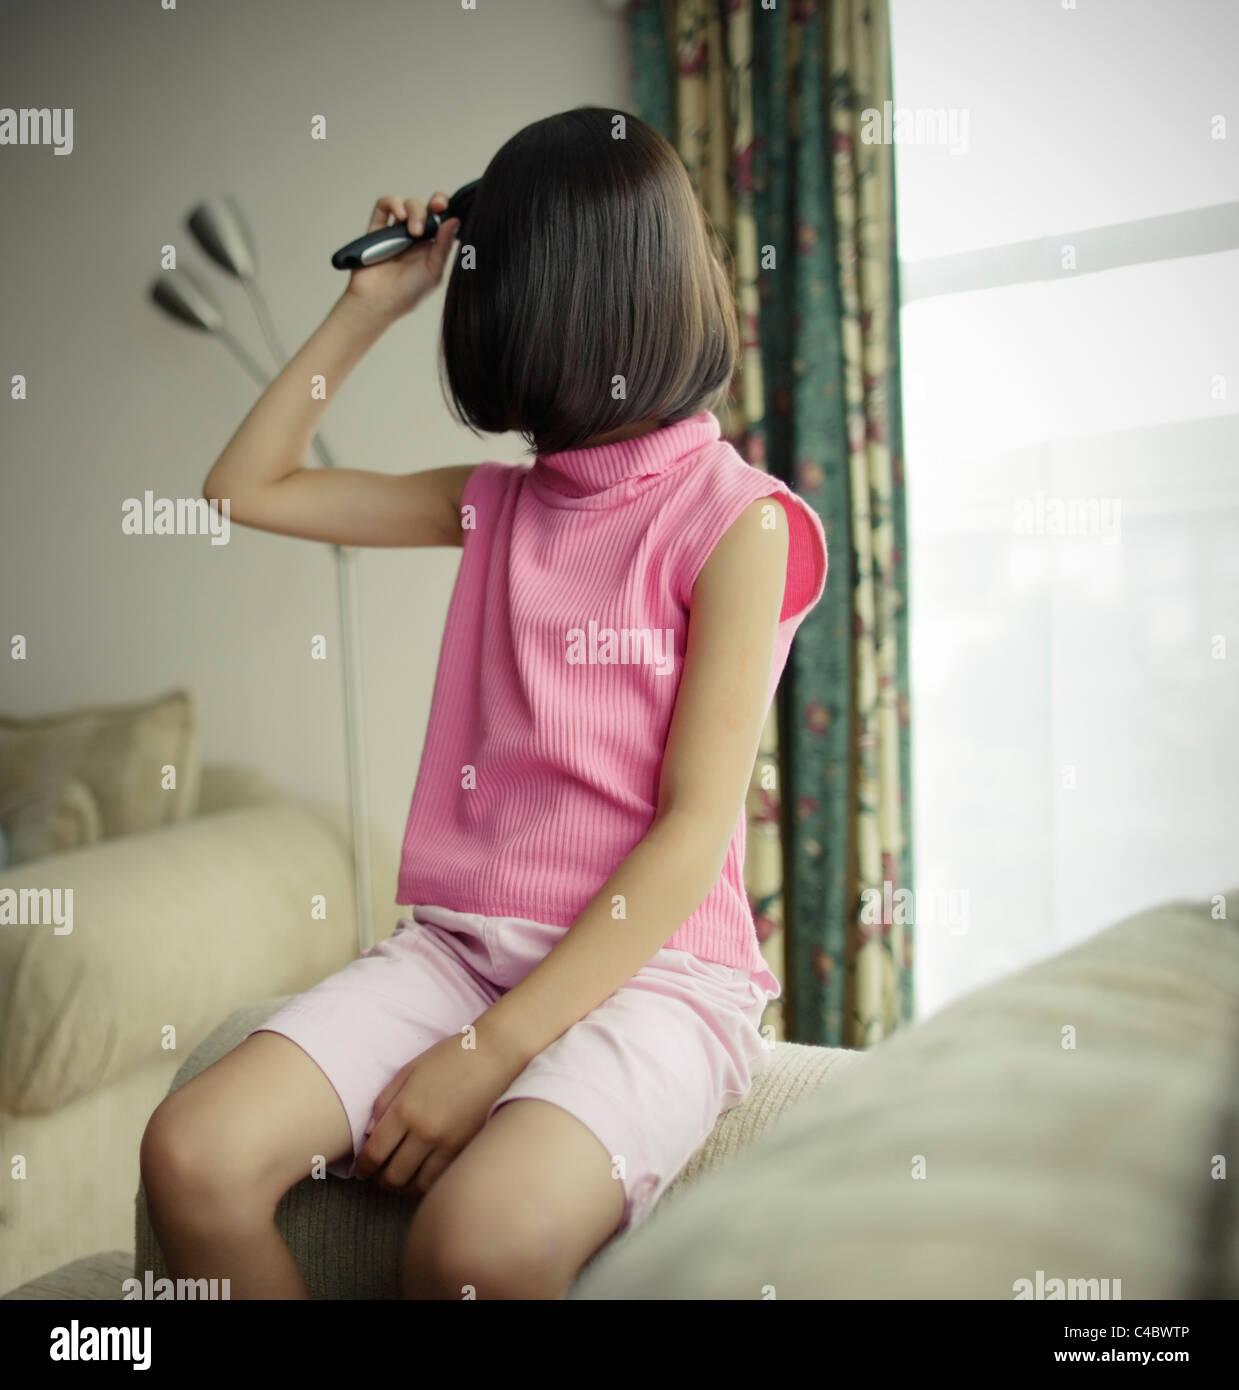 Chica pelo cepillado Imagen De Stock